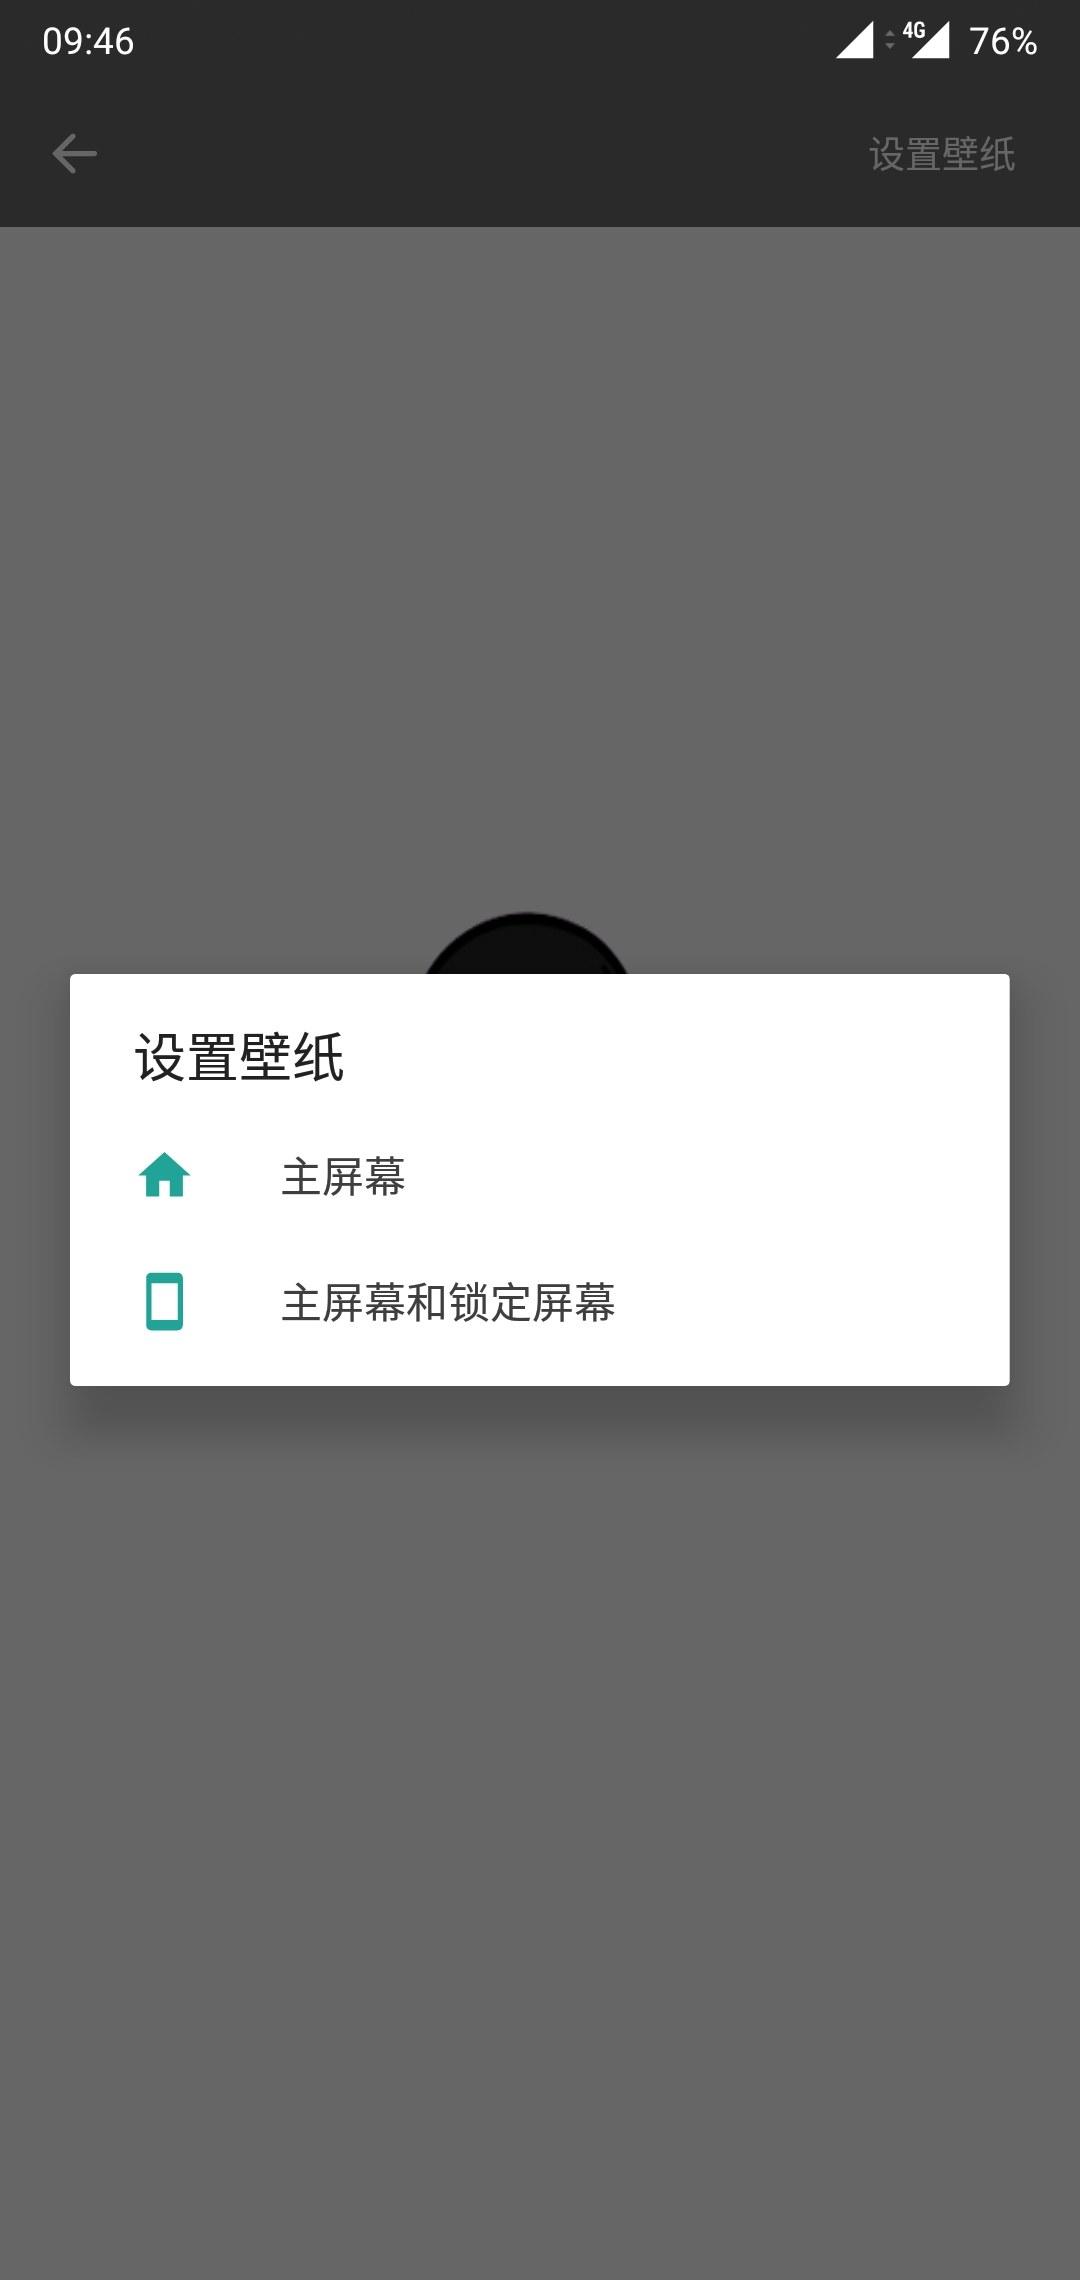 1528940880616.jpg